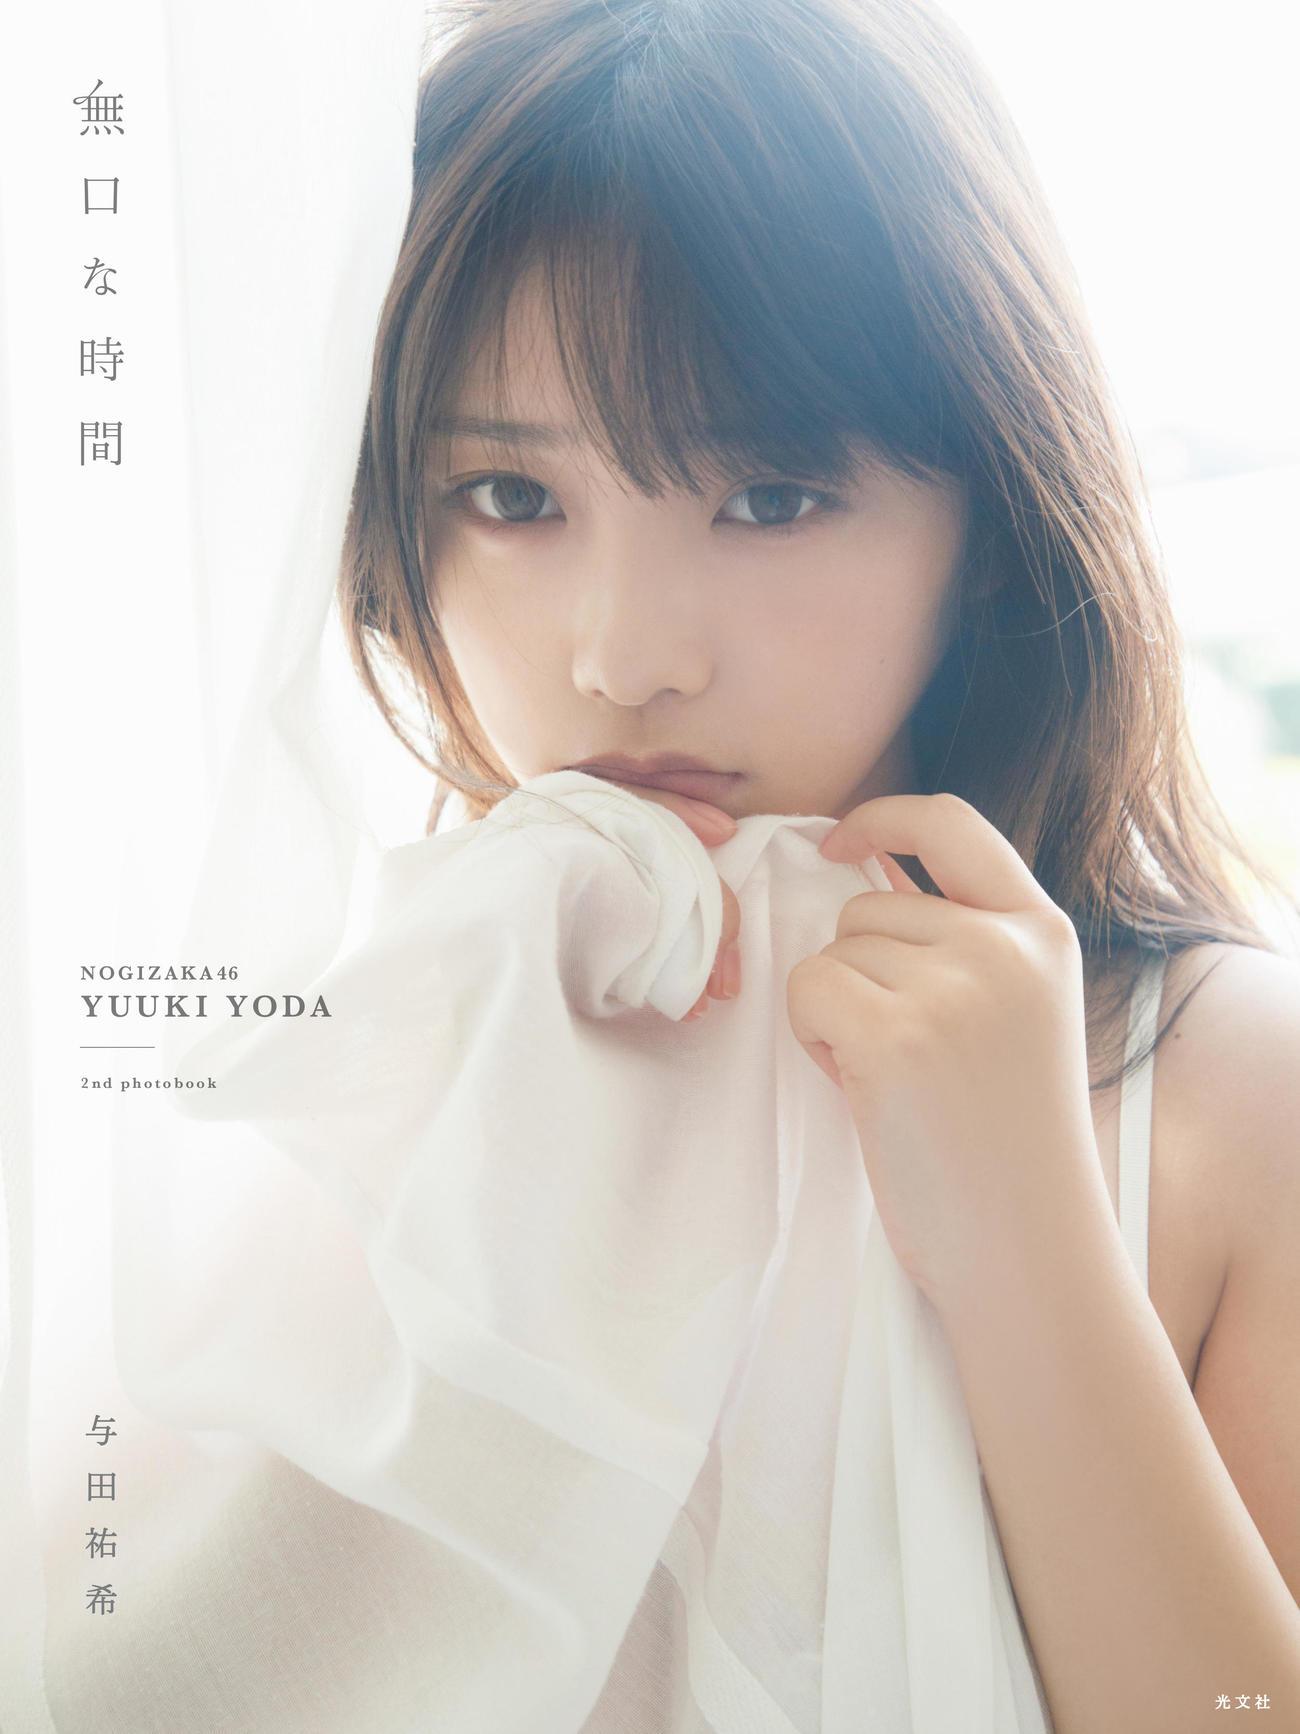 乃木坂46与田祐希セカンド写真集「無口な時間」の通常版表紙